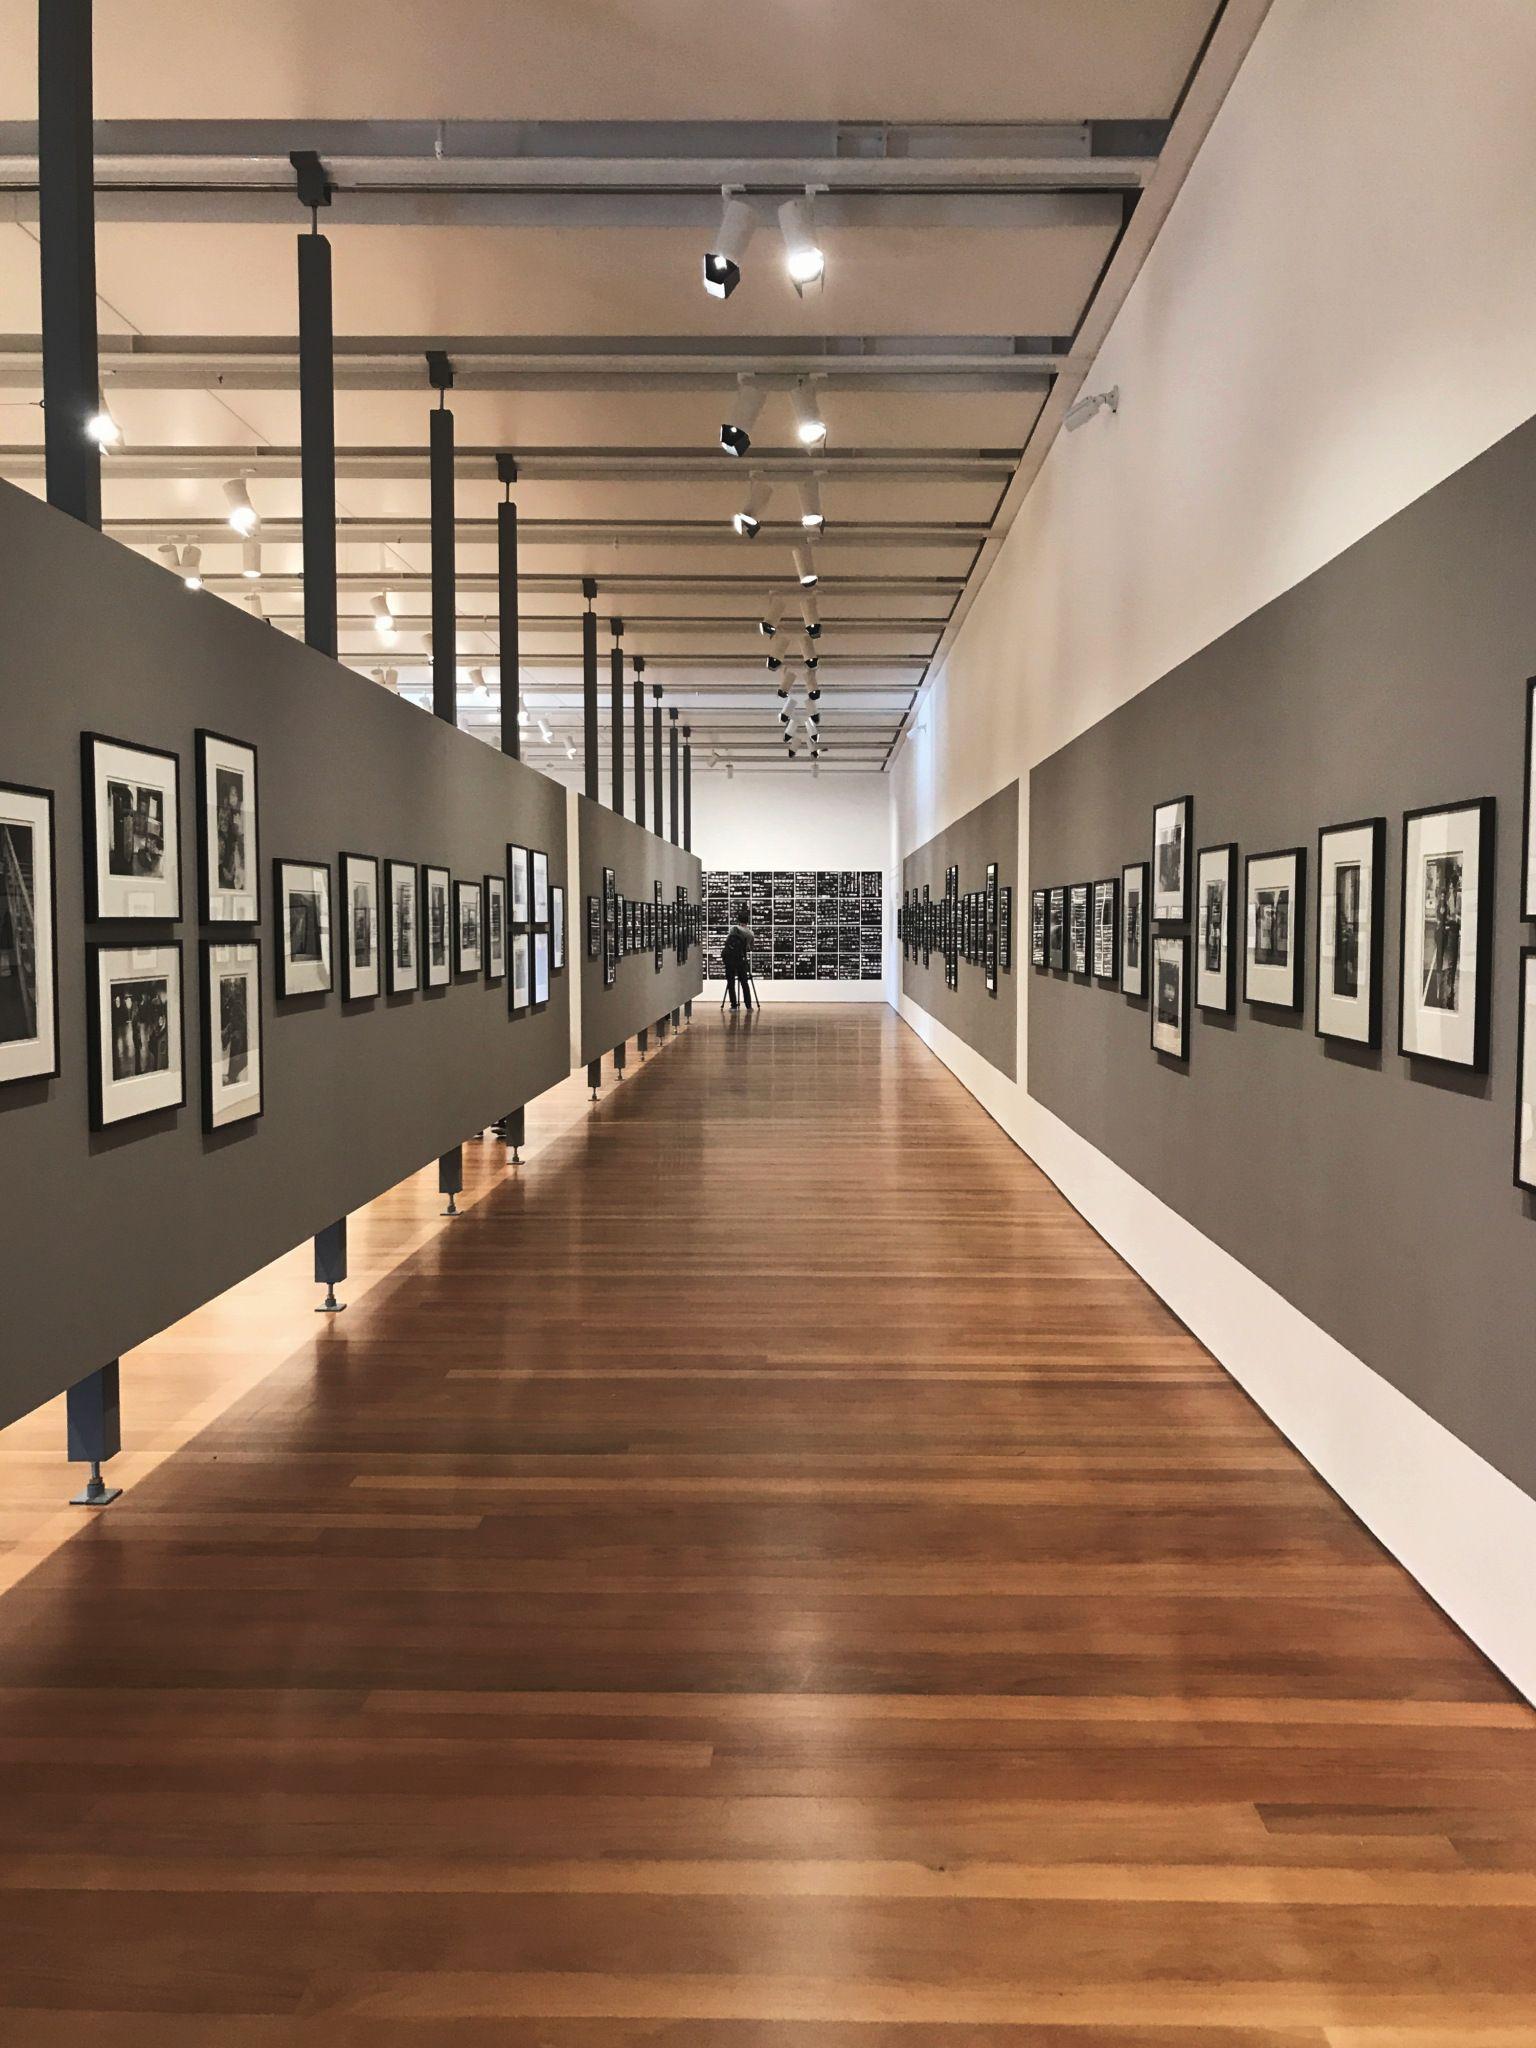 58cb8dcc1b0d3 No prédio, serão três andares com galerias, dedicados às exposições. Para a  inauguração